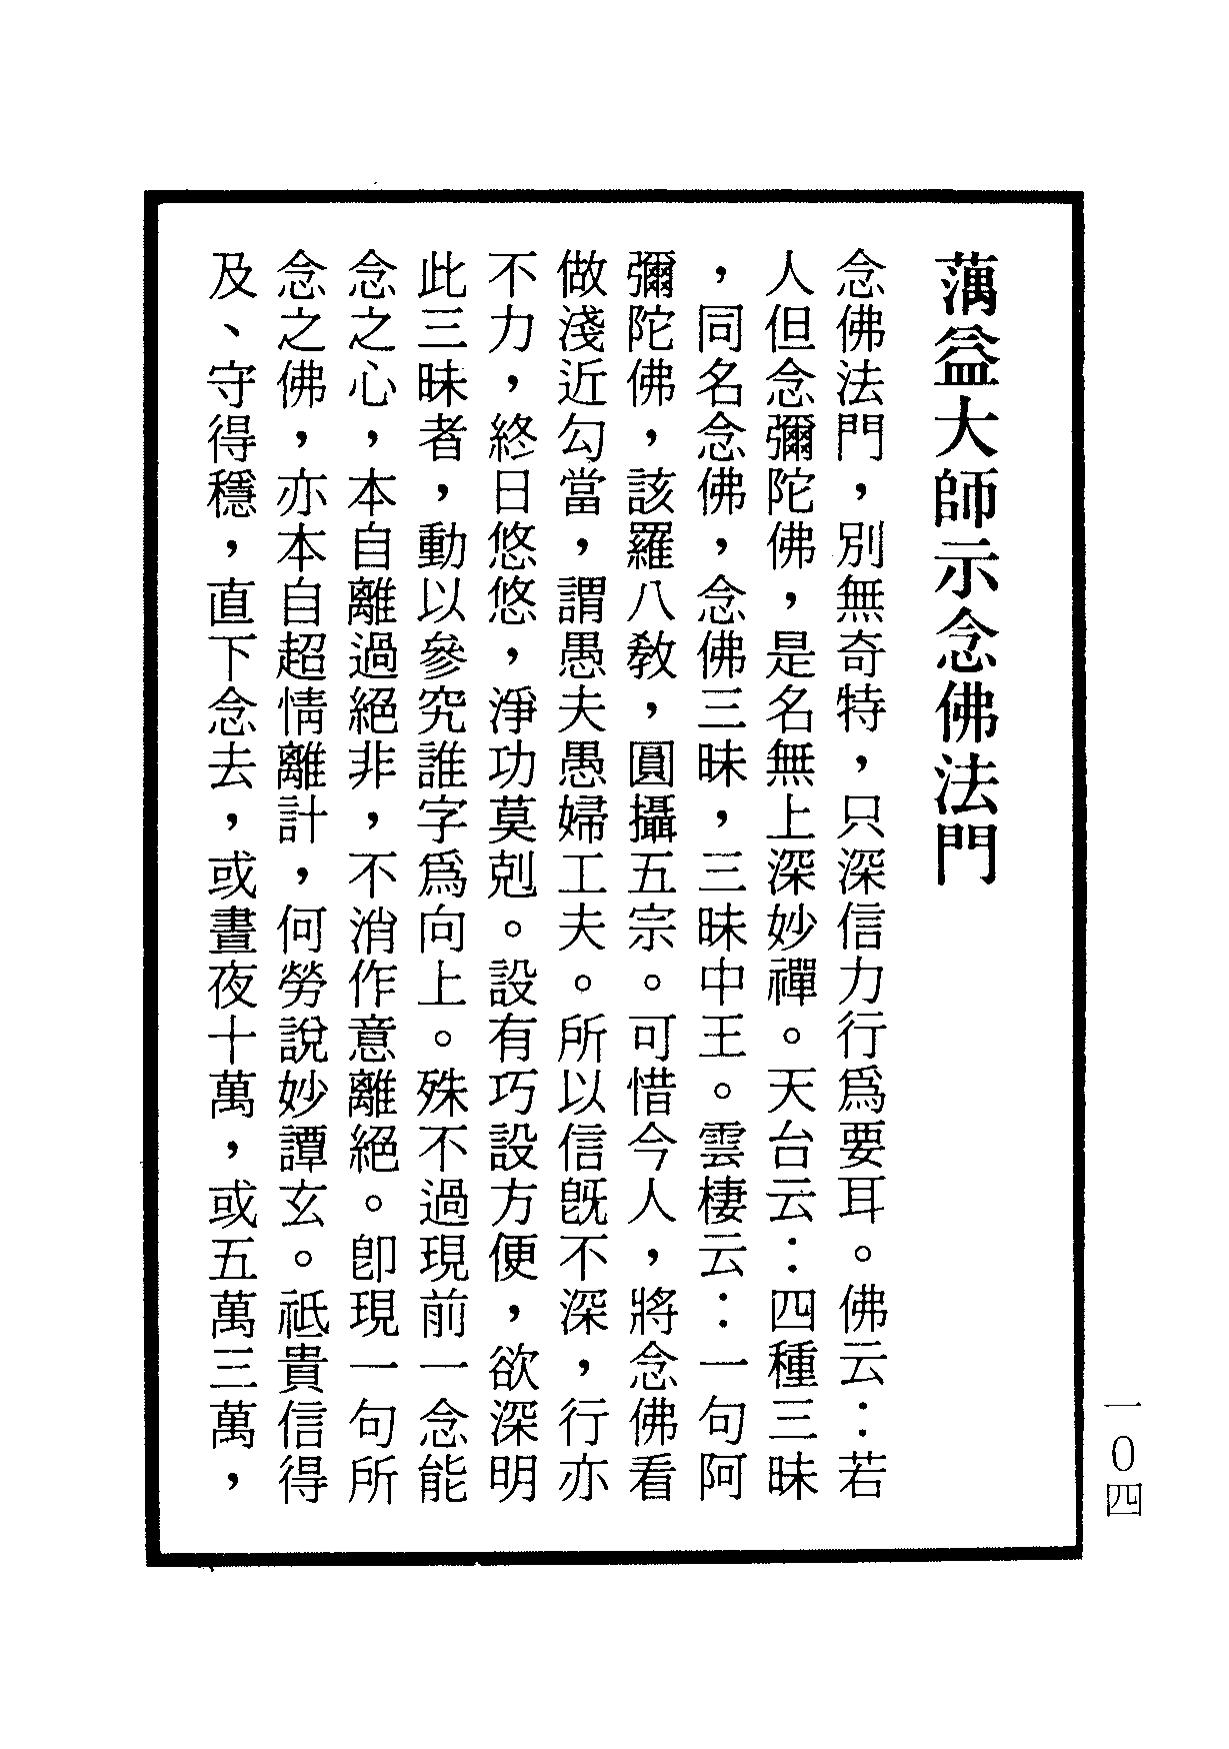 楞嚴咒-大悲咒-十小咒-易背本 110.png